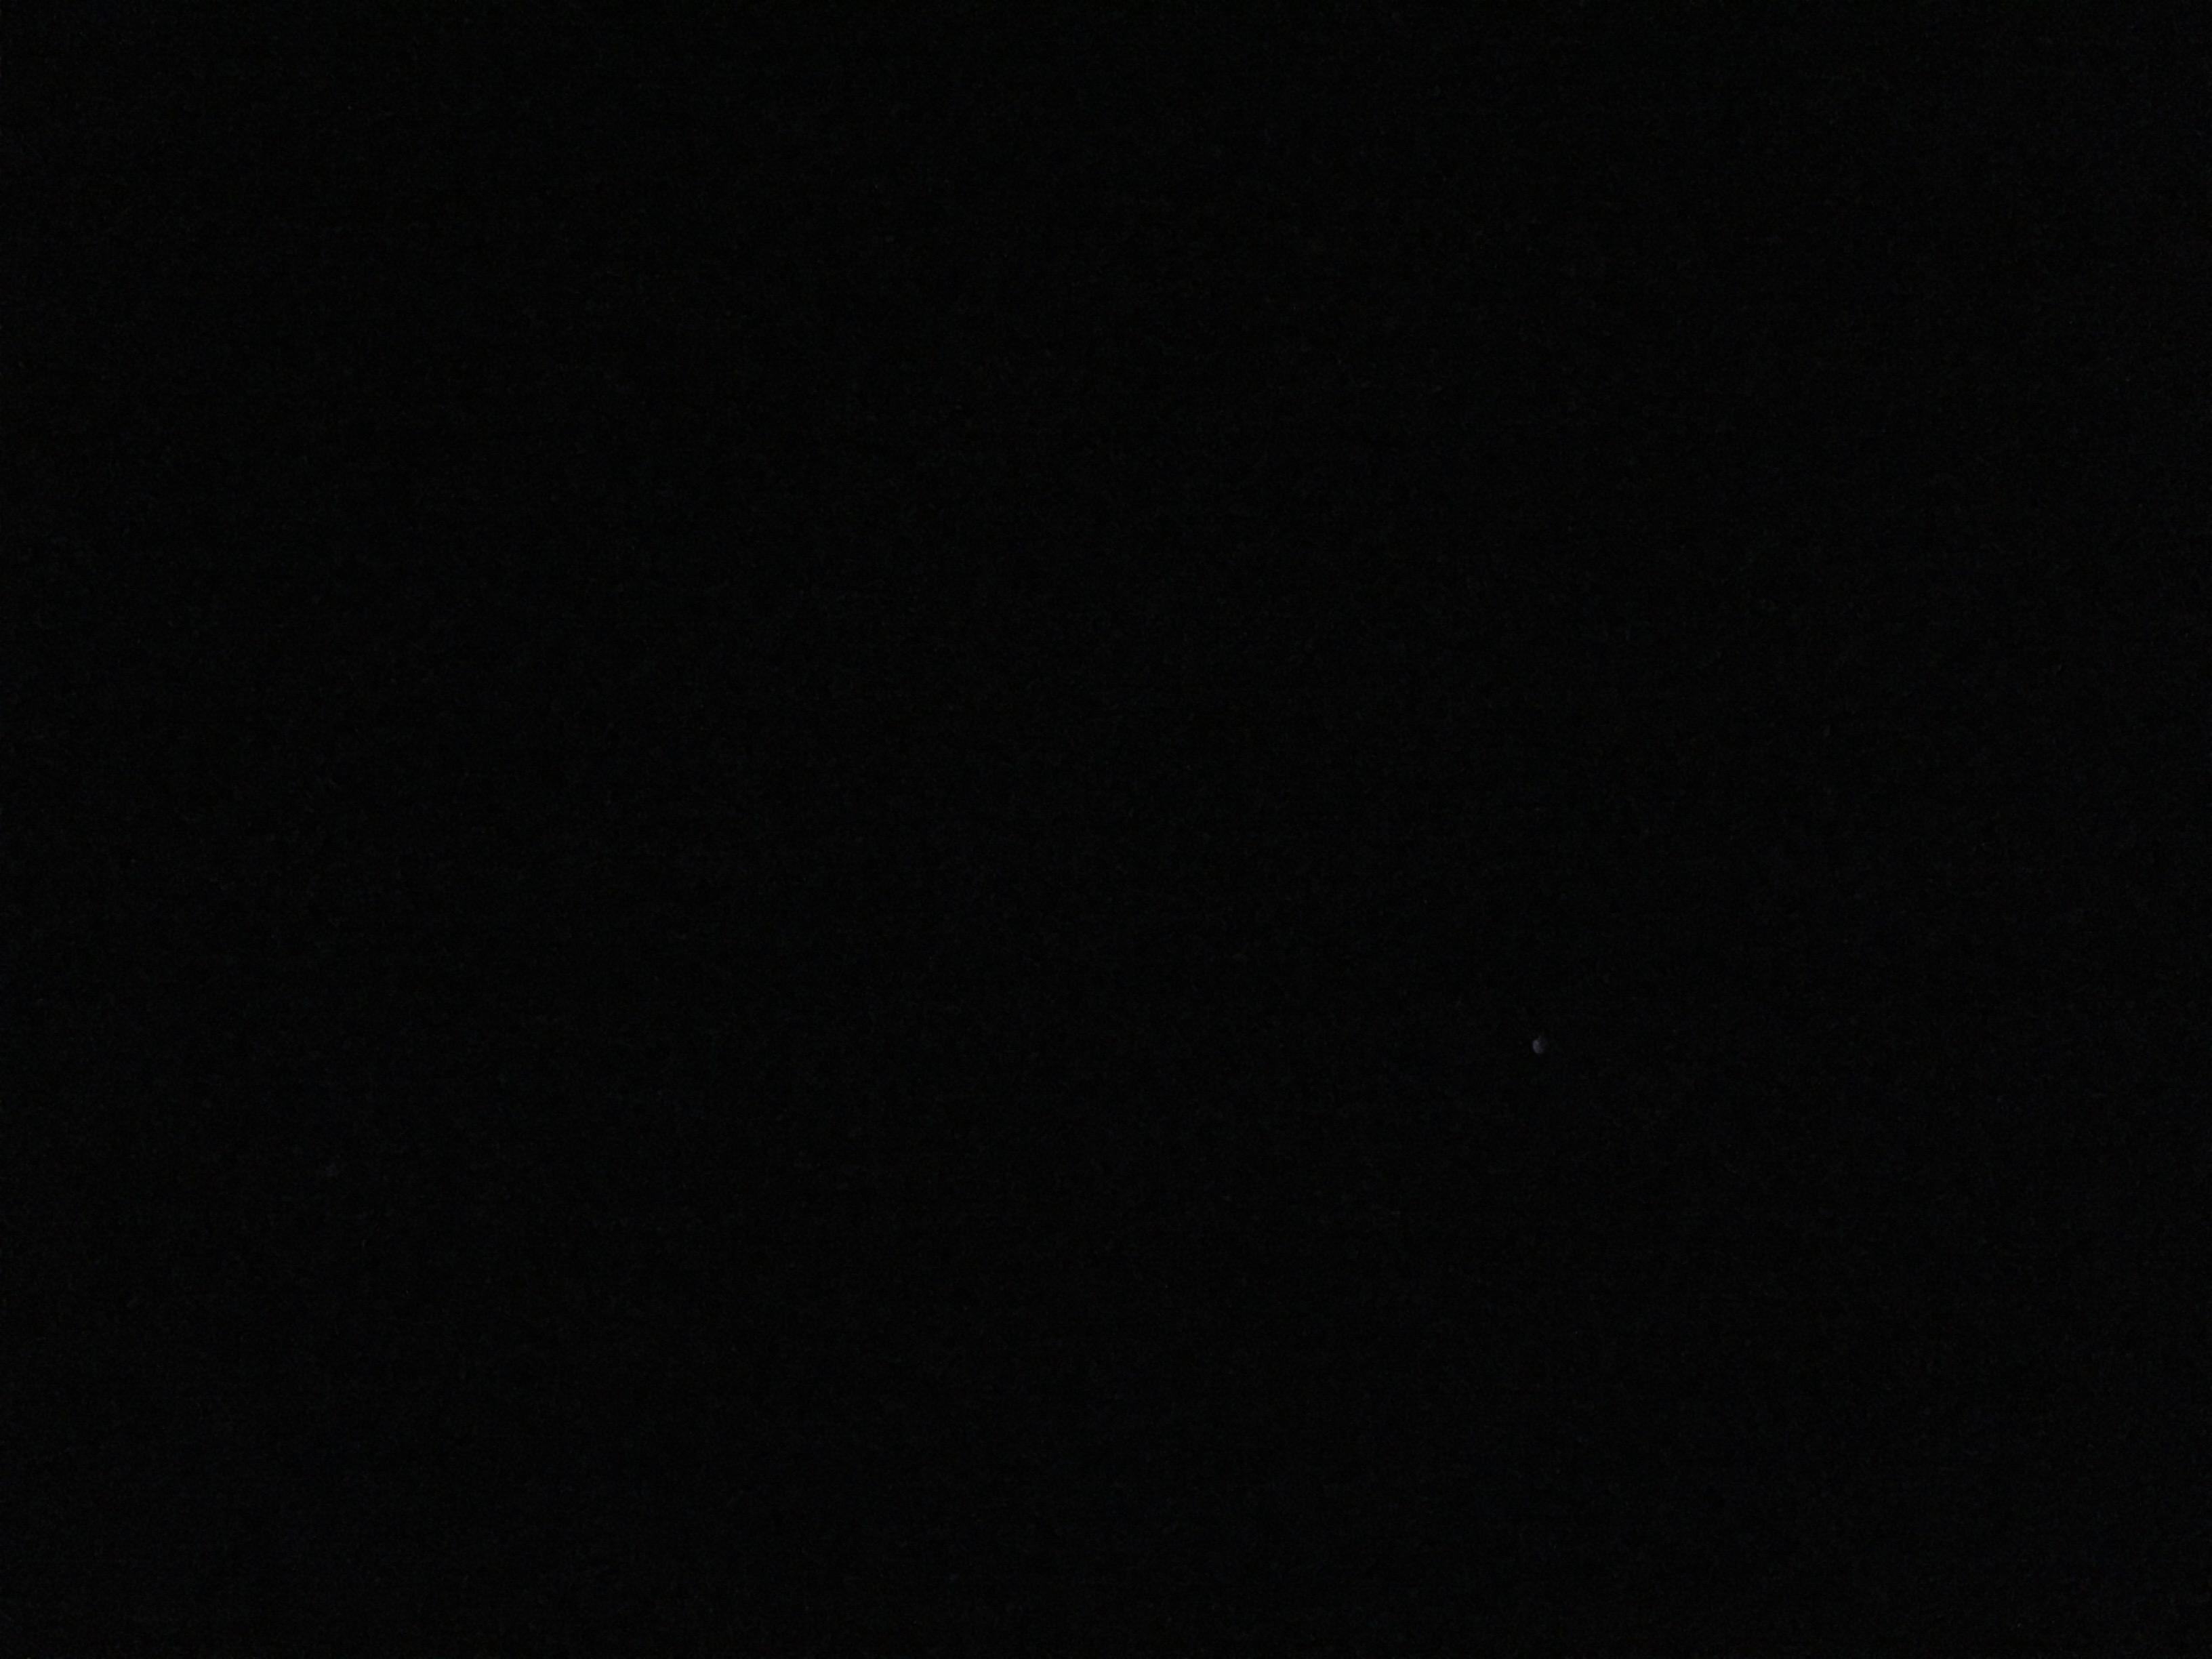 Smartphone stjernebillede